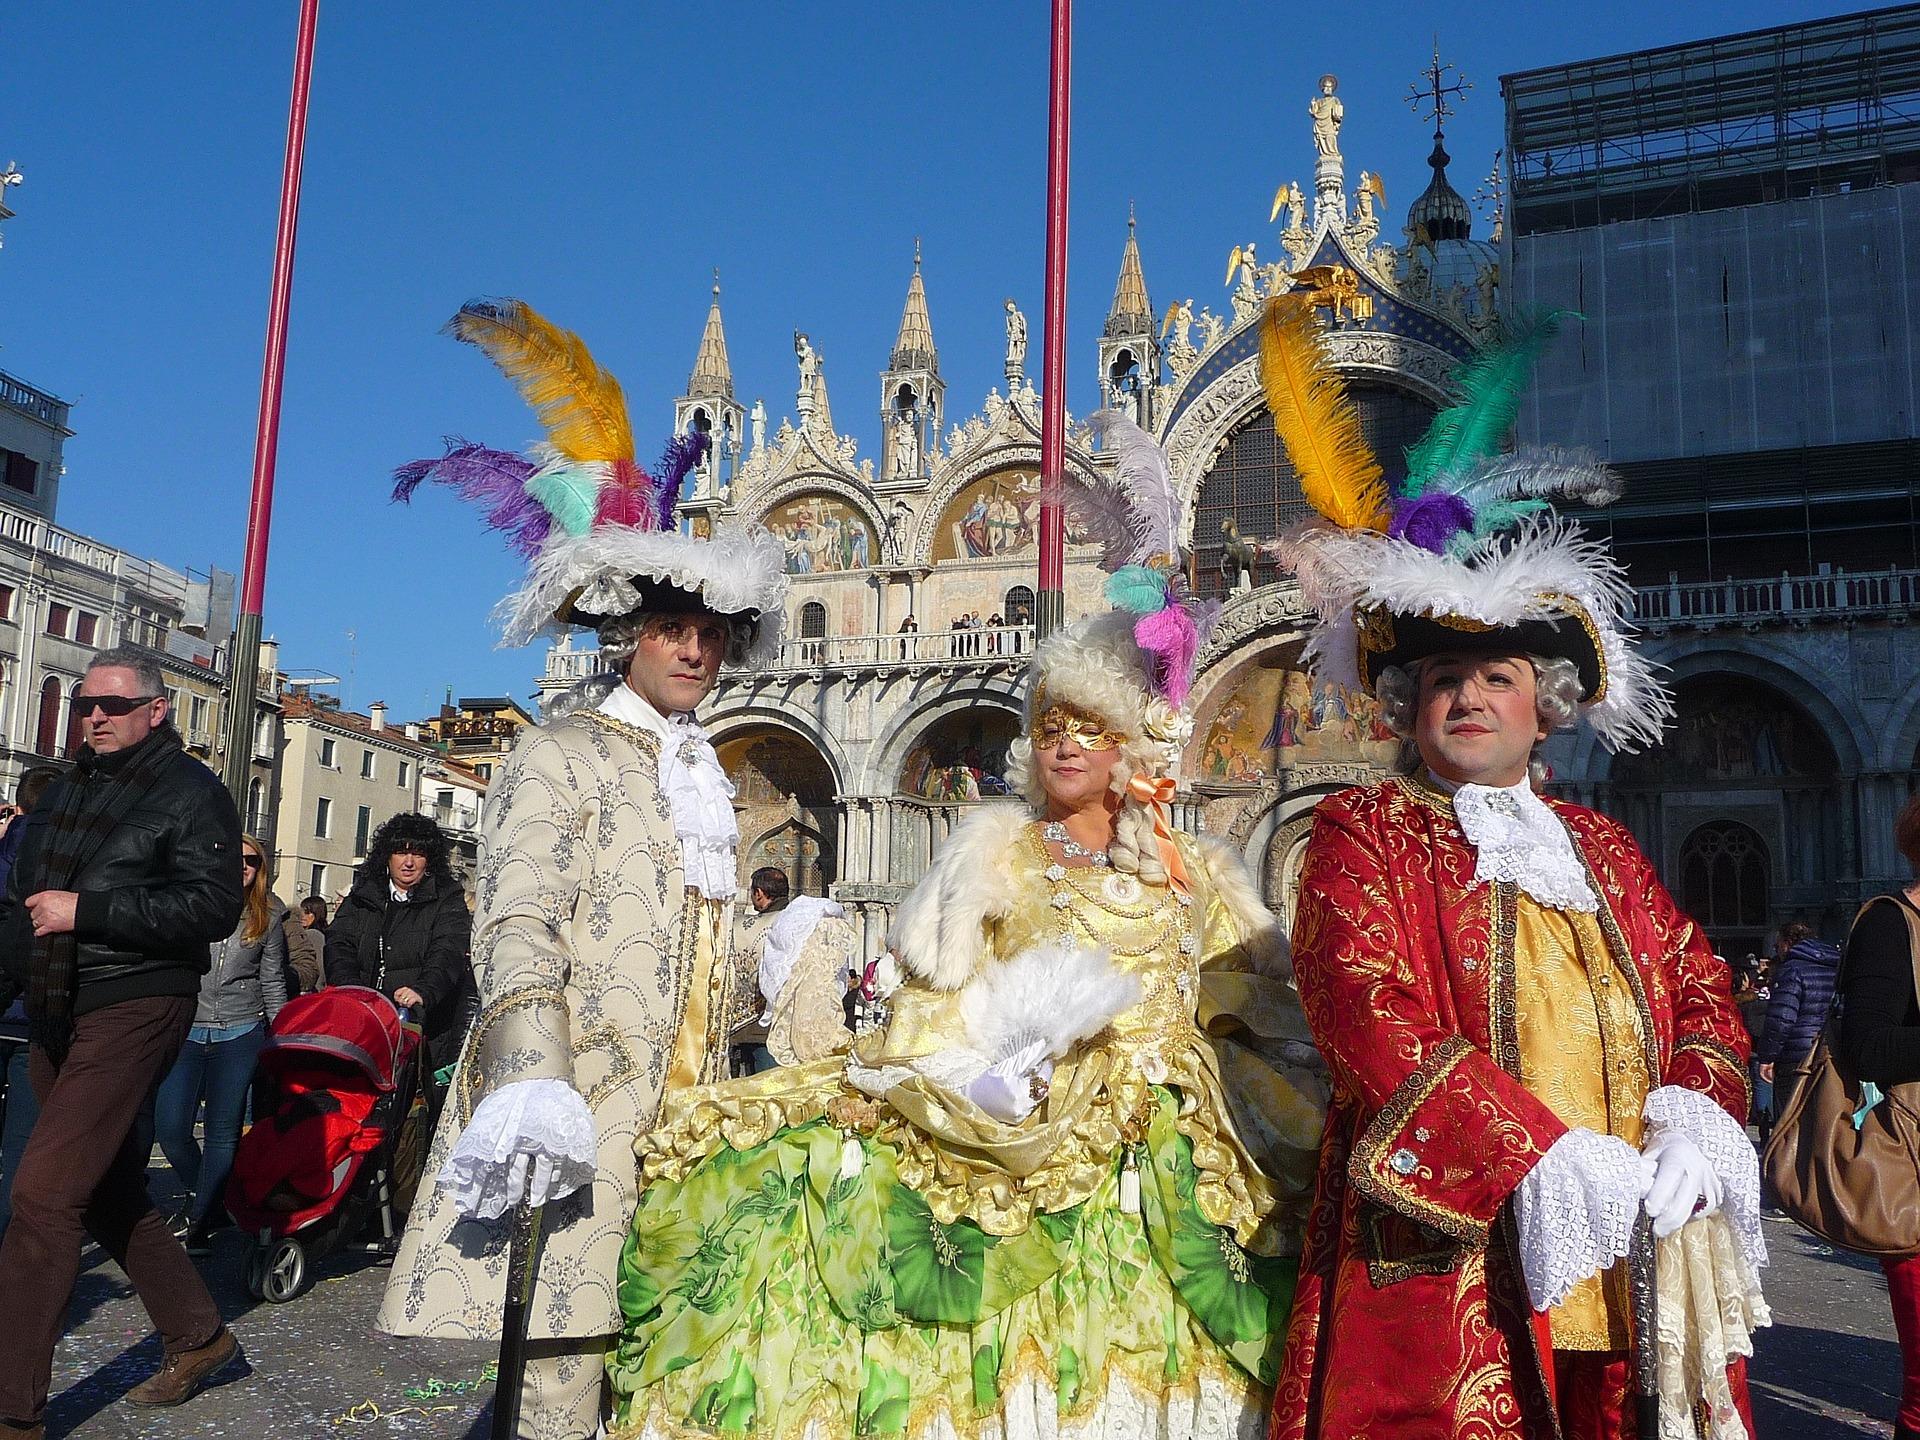 Carnaval de Venecia, Italia carnaval de venecia - 39469480405 03dd3bde5a o - Carnaval de Venecia : la historia y elegancia toman la calle